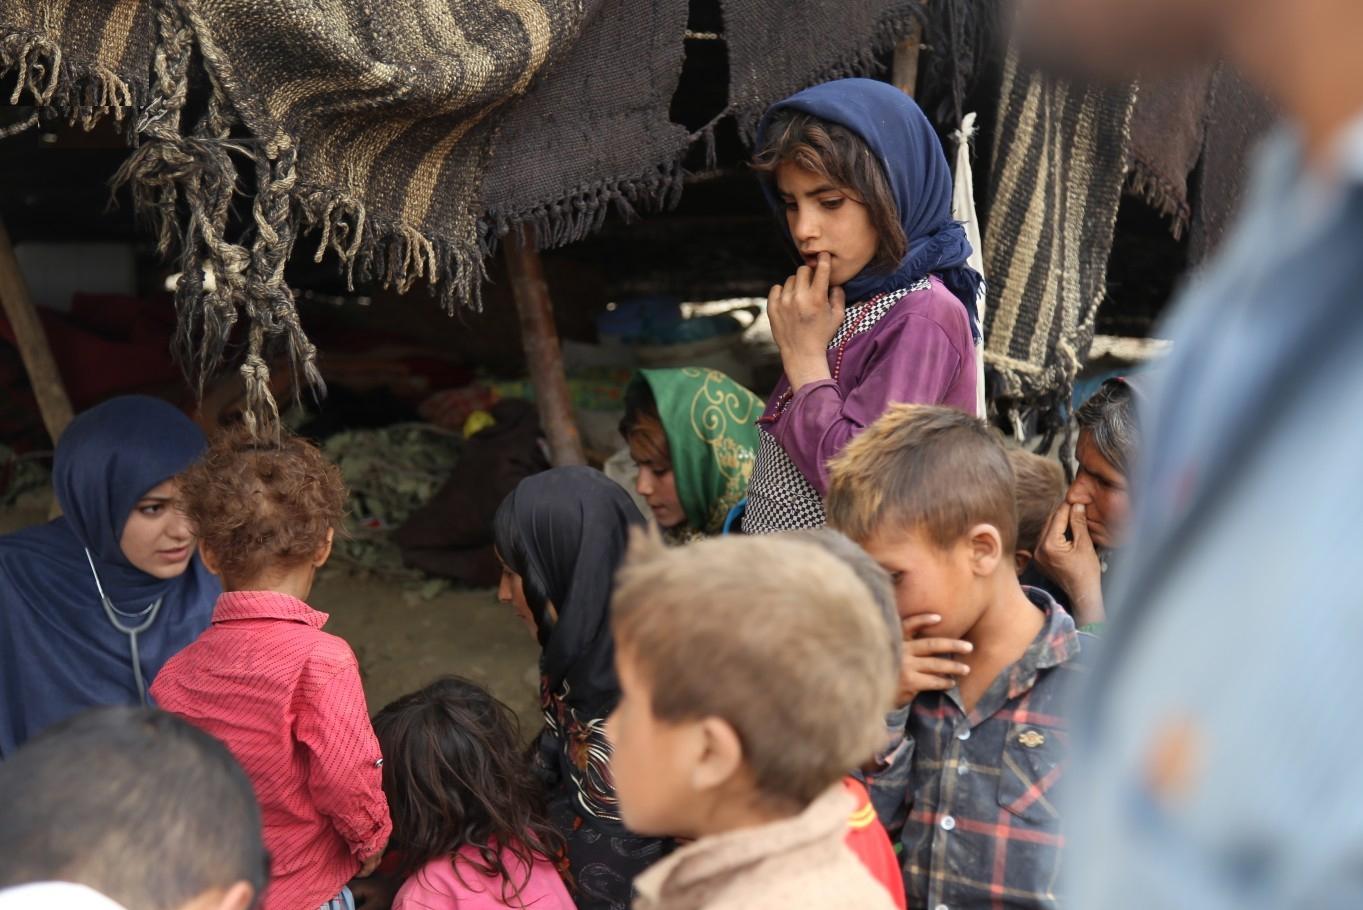 کمبود پزشک و پرستار؛ بحرانی که دامن گیر سلامت شهروندان و دولت است/فرزاد صیفی کاران